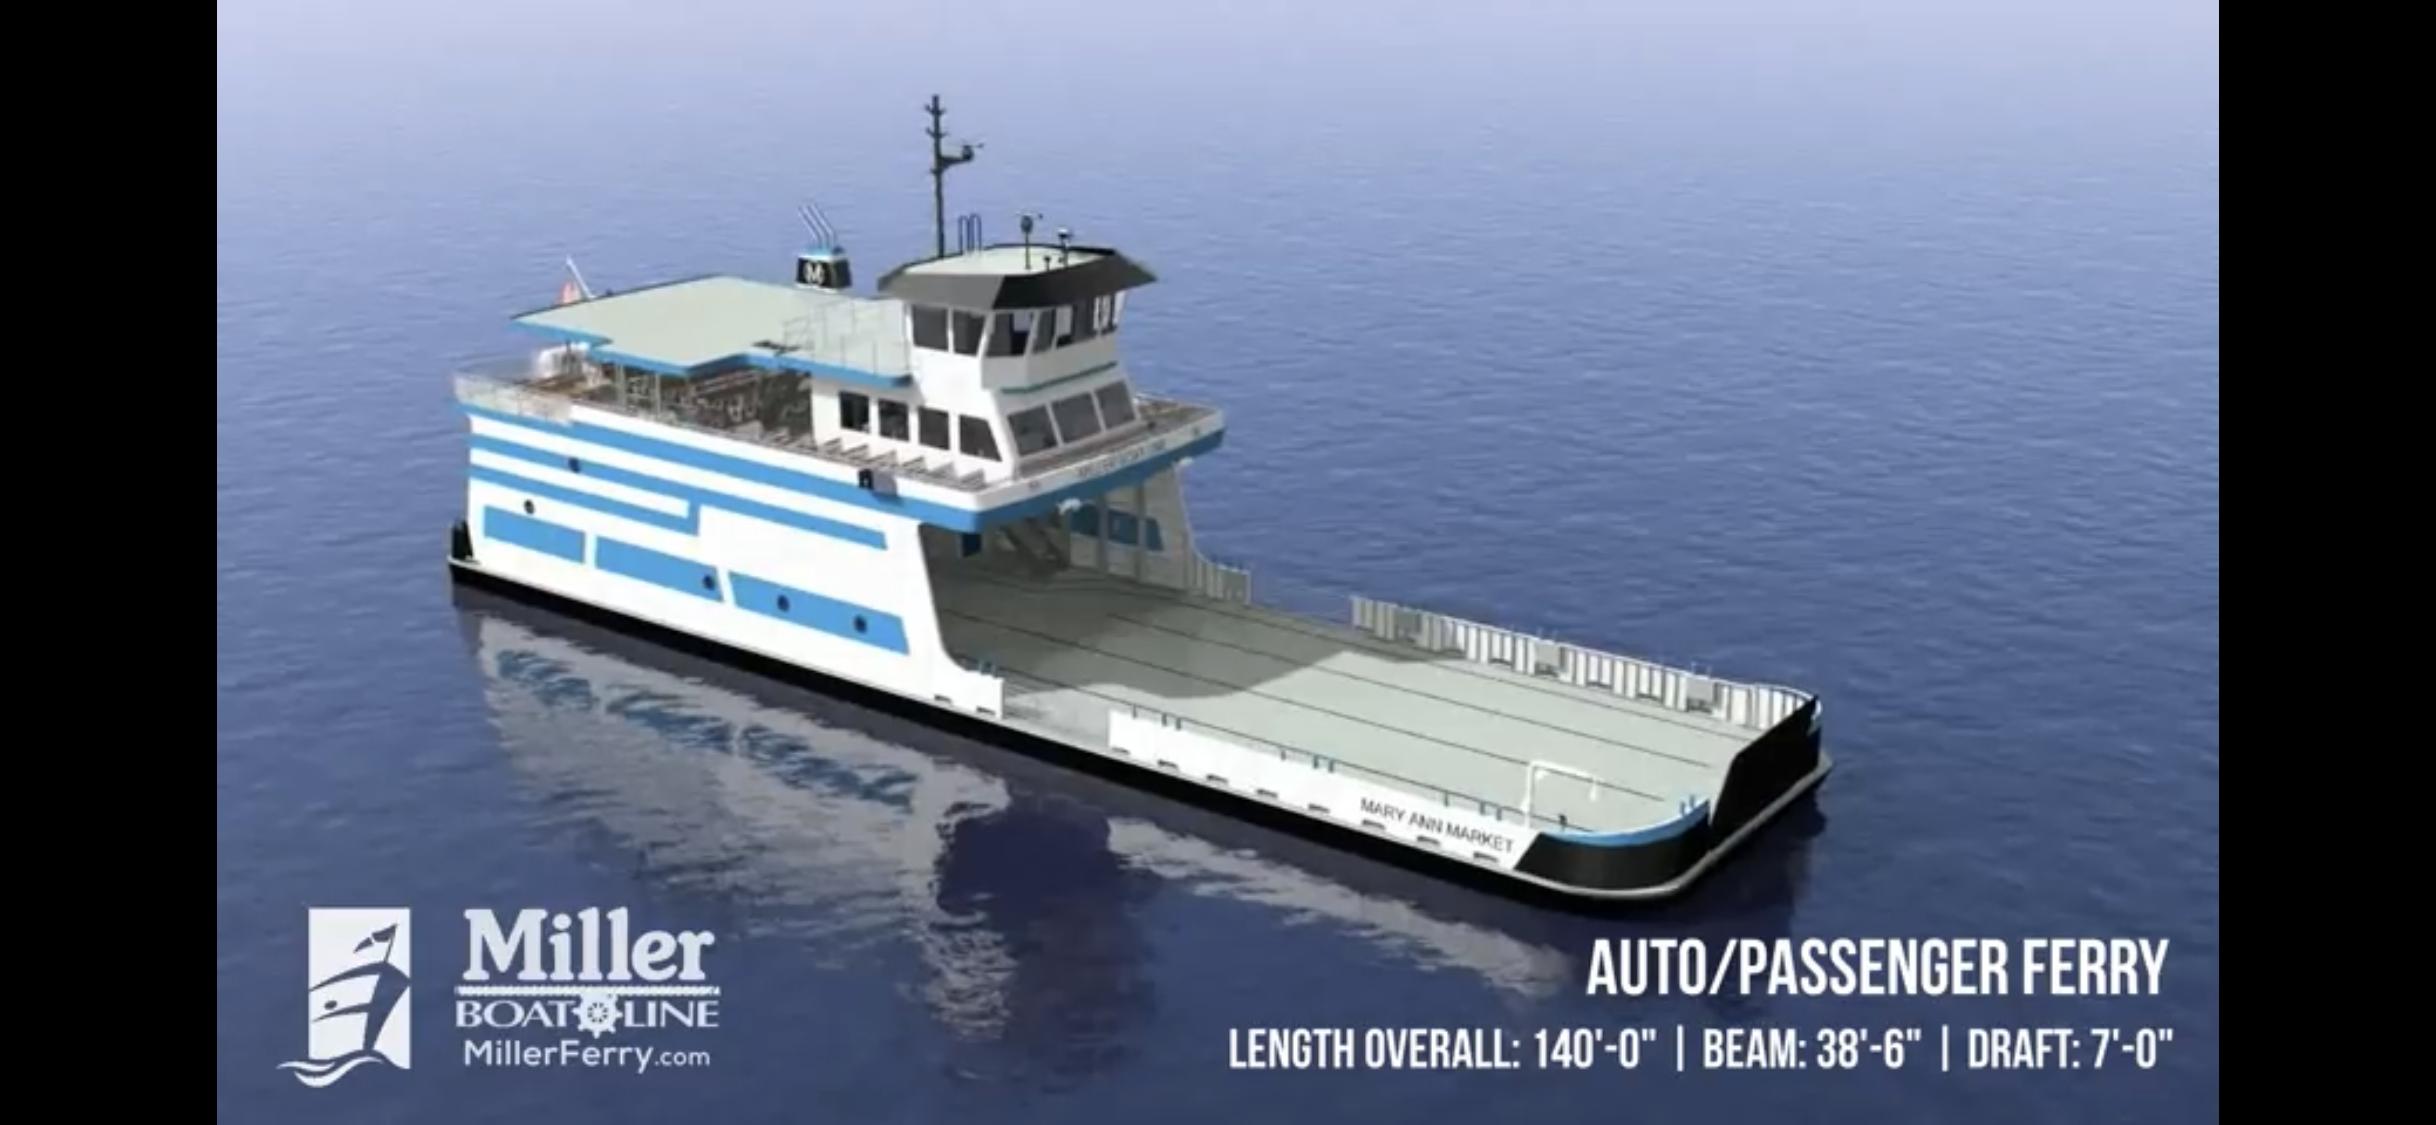 New 2020 Miller Ferry